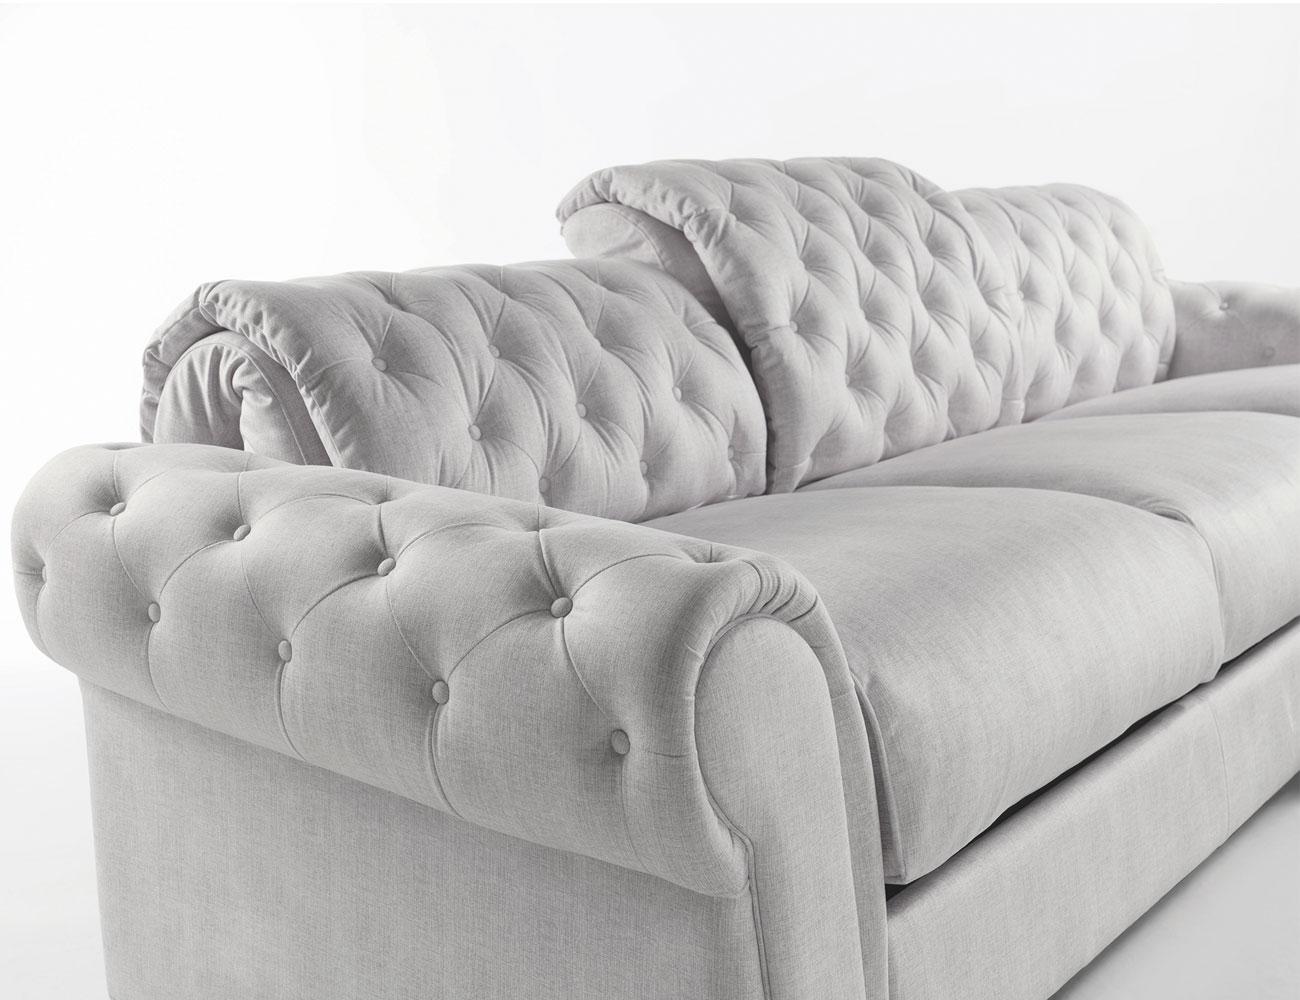 Sofa chaiselongue gran lujo decorativo capitone blanco tela 133